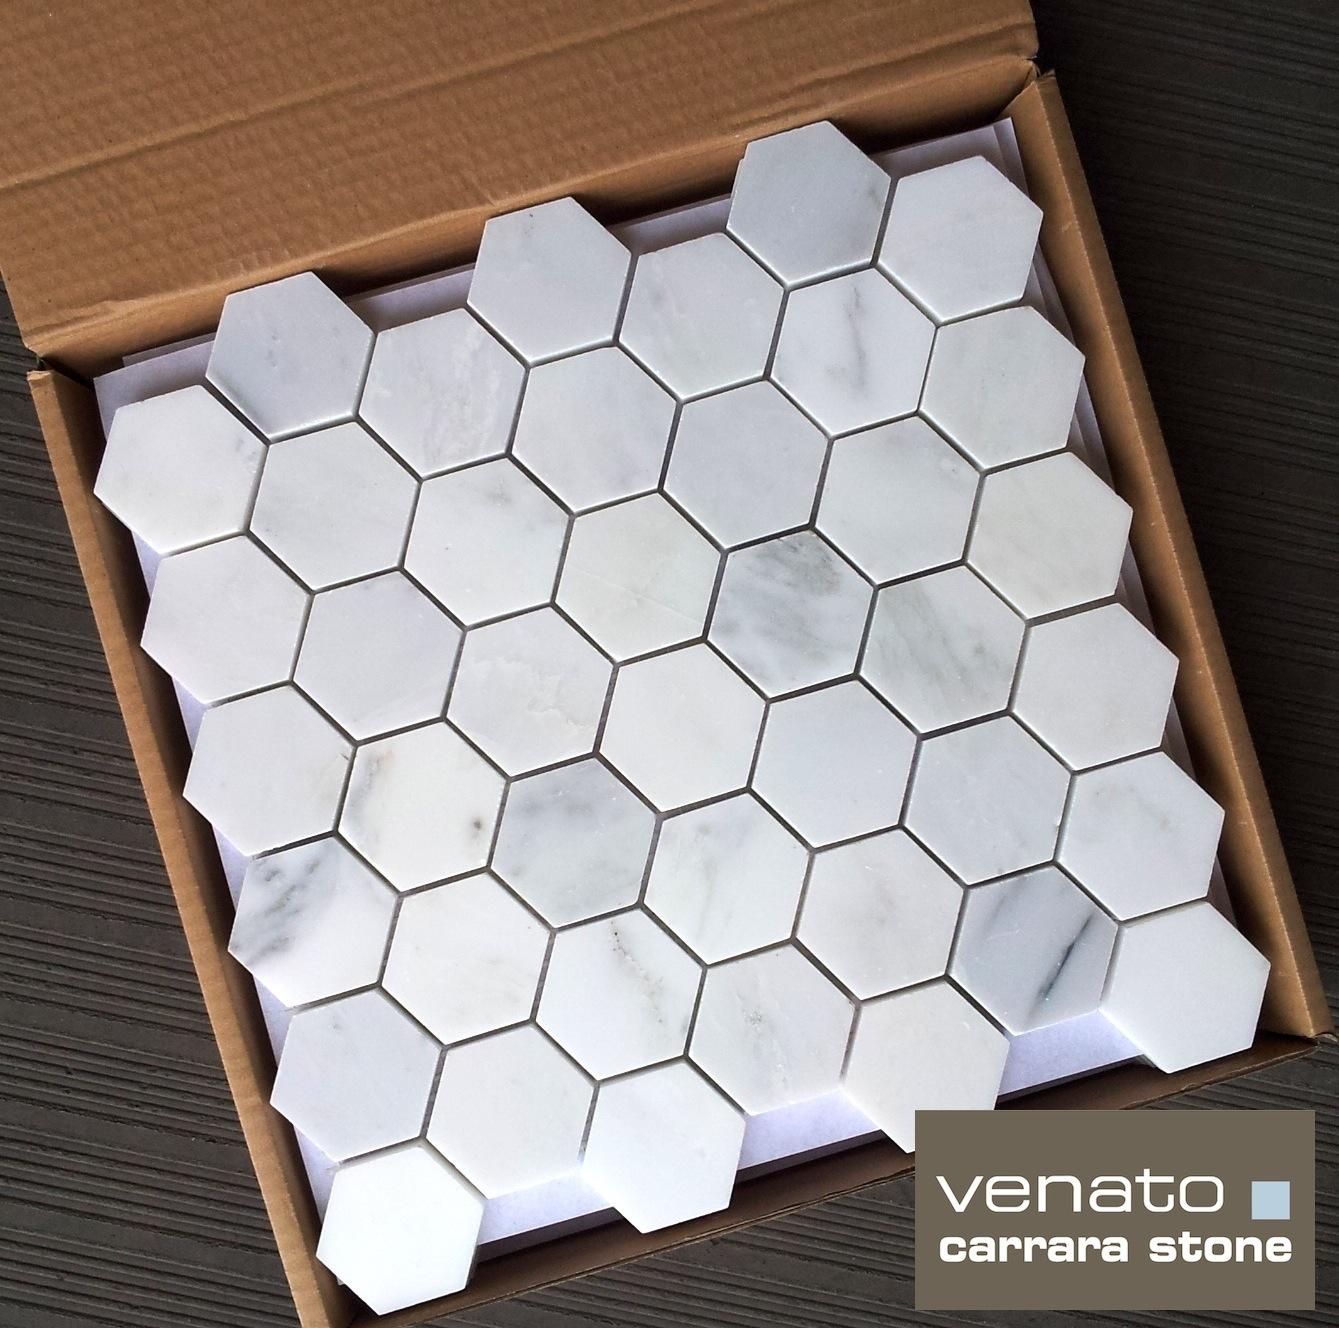 Carrara venato 22 hexagon mosaic tile 1175sf the builder carrara venato 2 hexagon mosaic dailygadgetfo Images